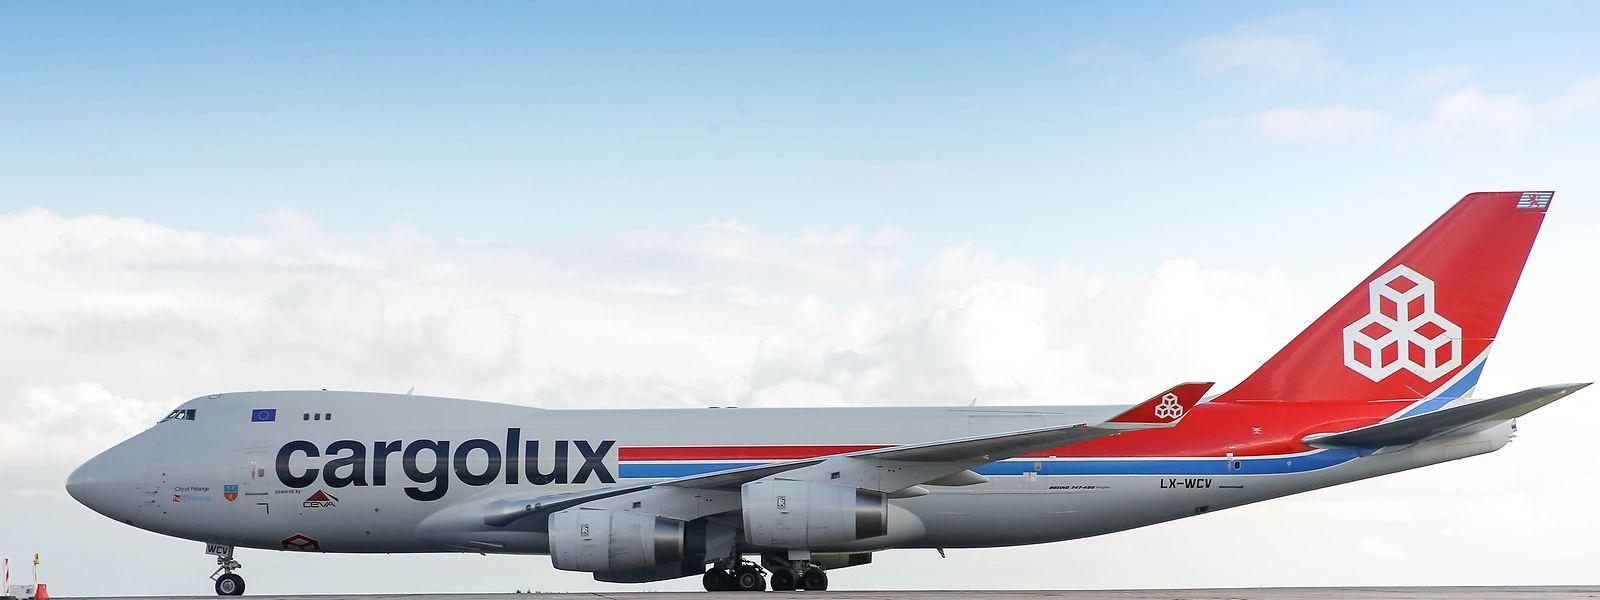 Beim Brexit steht für die Cargolux viel auf dem Spiel